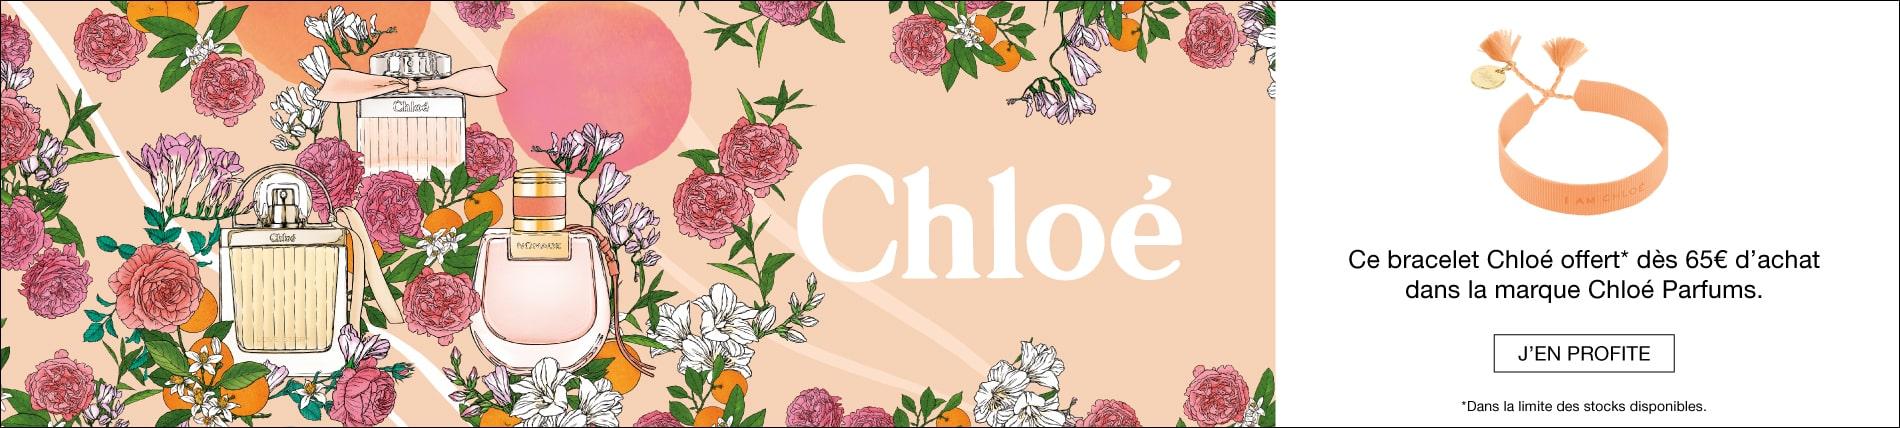 Chloé Signature Chloé